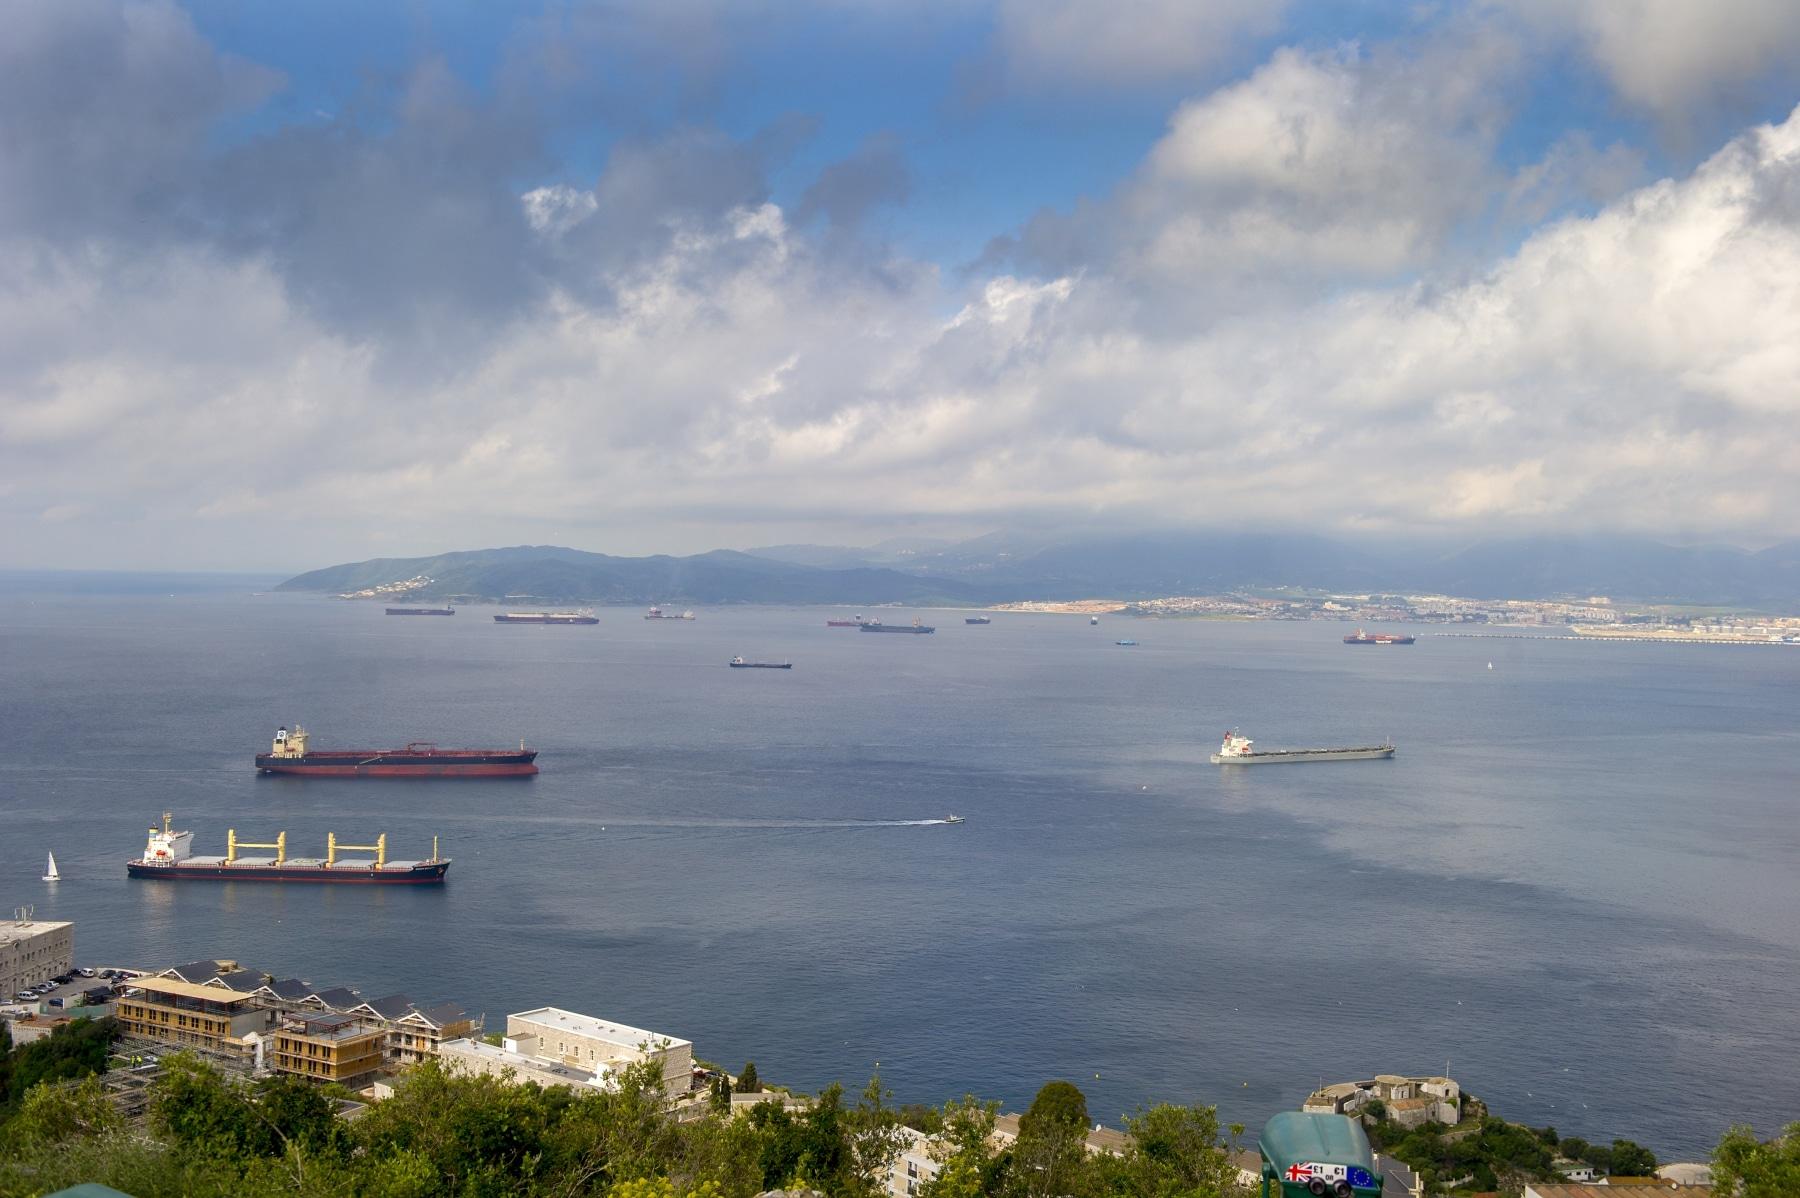 paisajes-la-bahia-gibraltar-01_9222264035_o